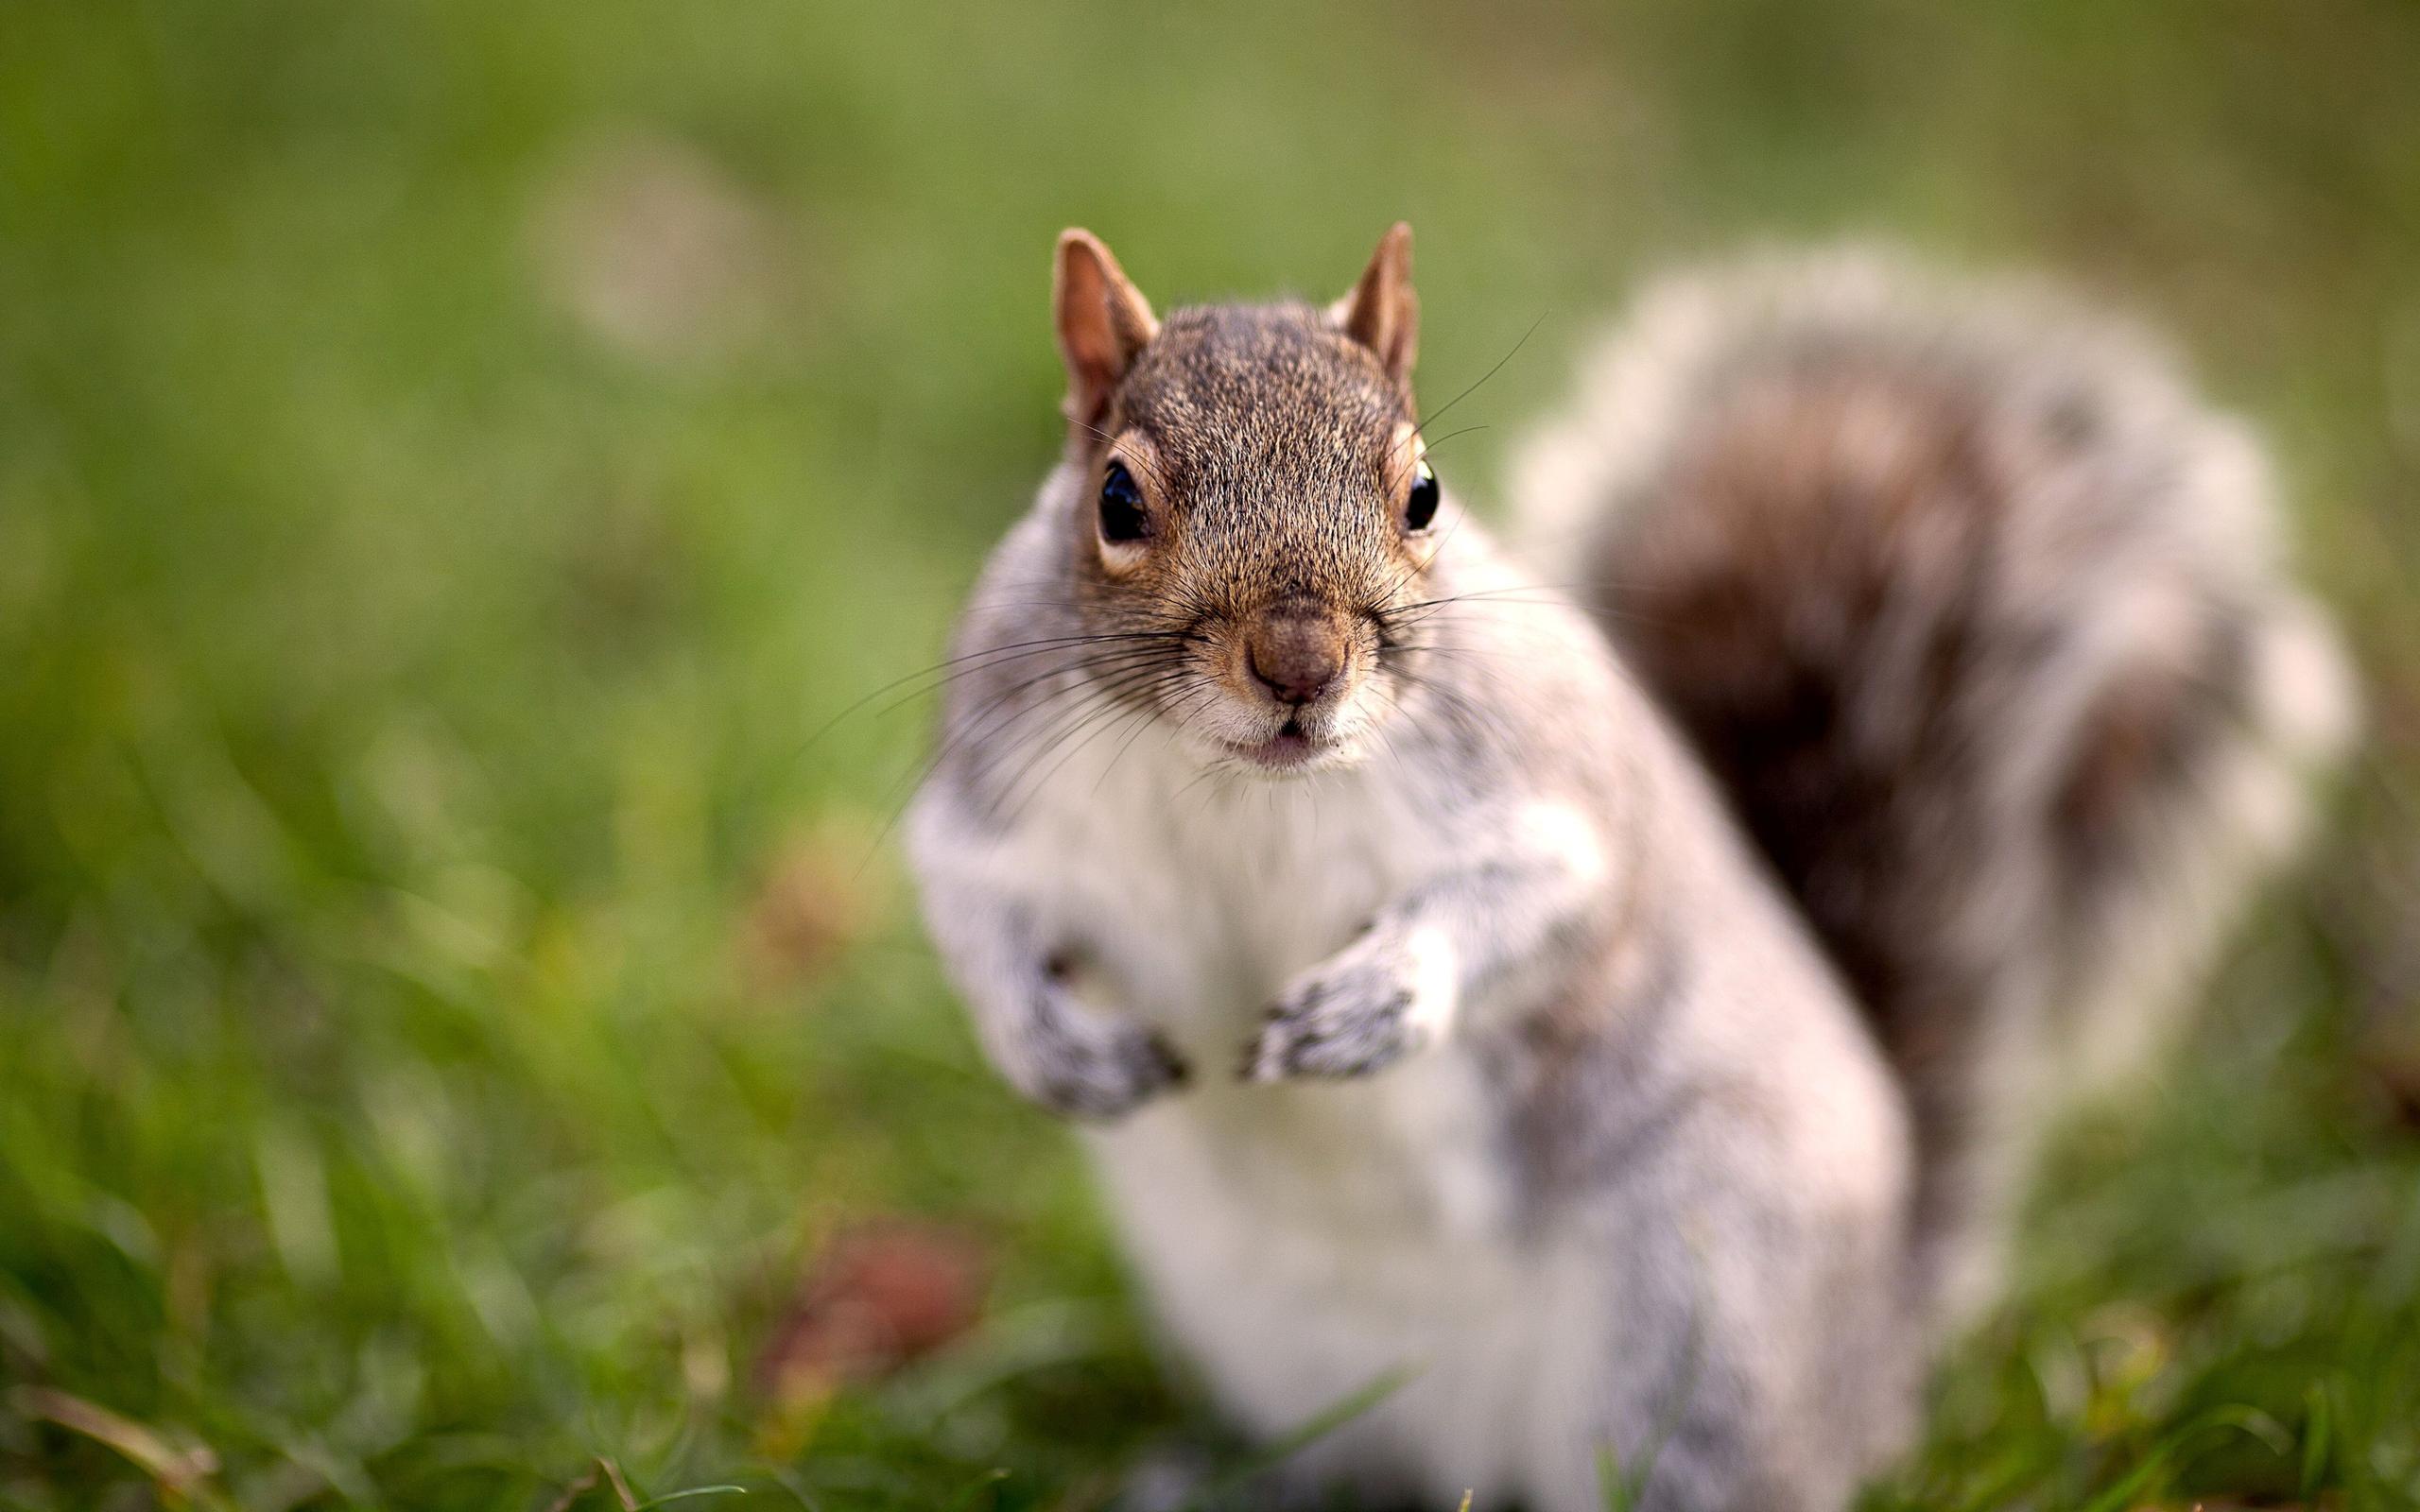 funny squirrel pics